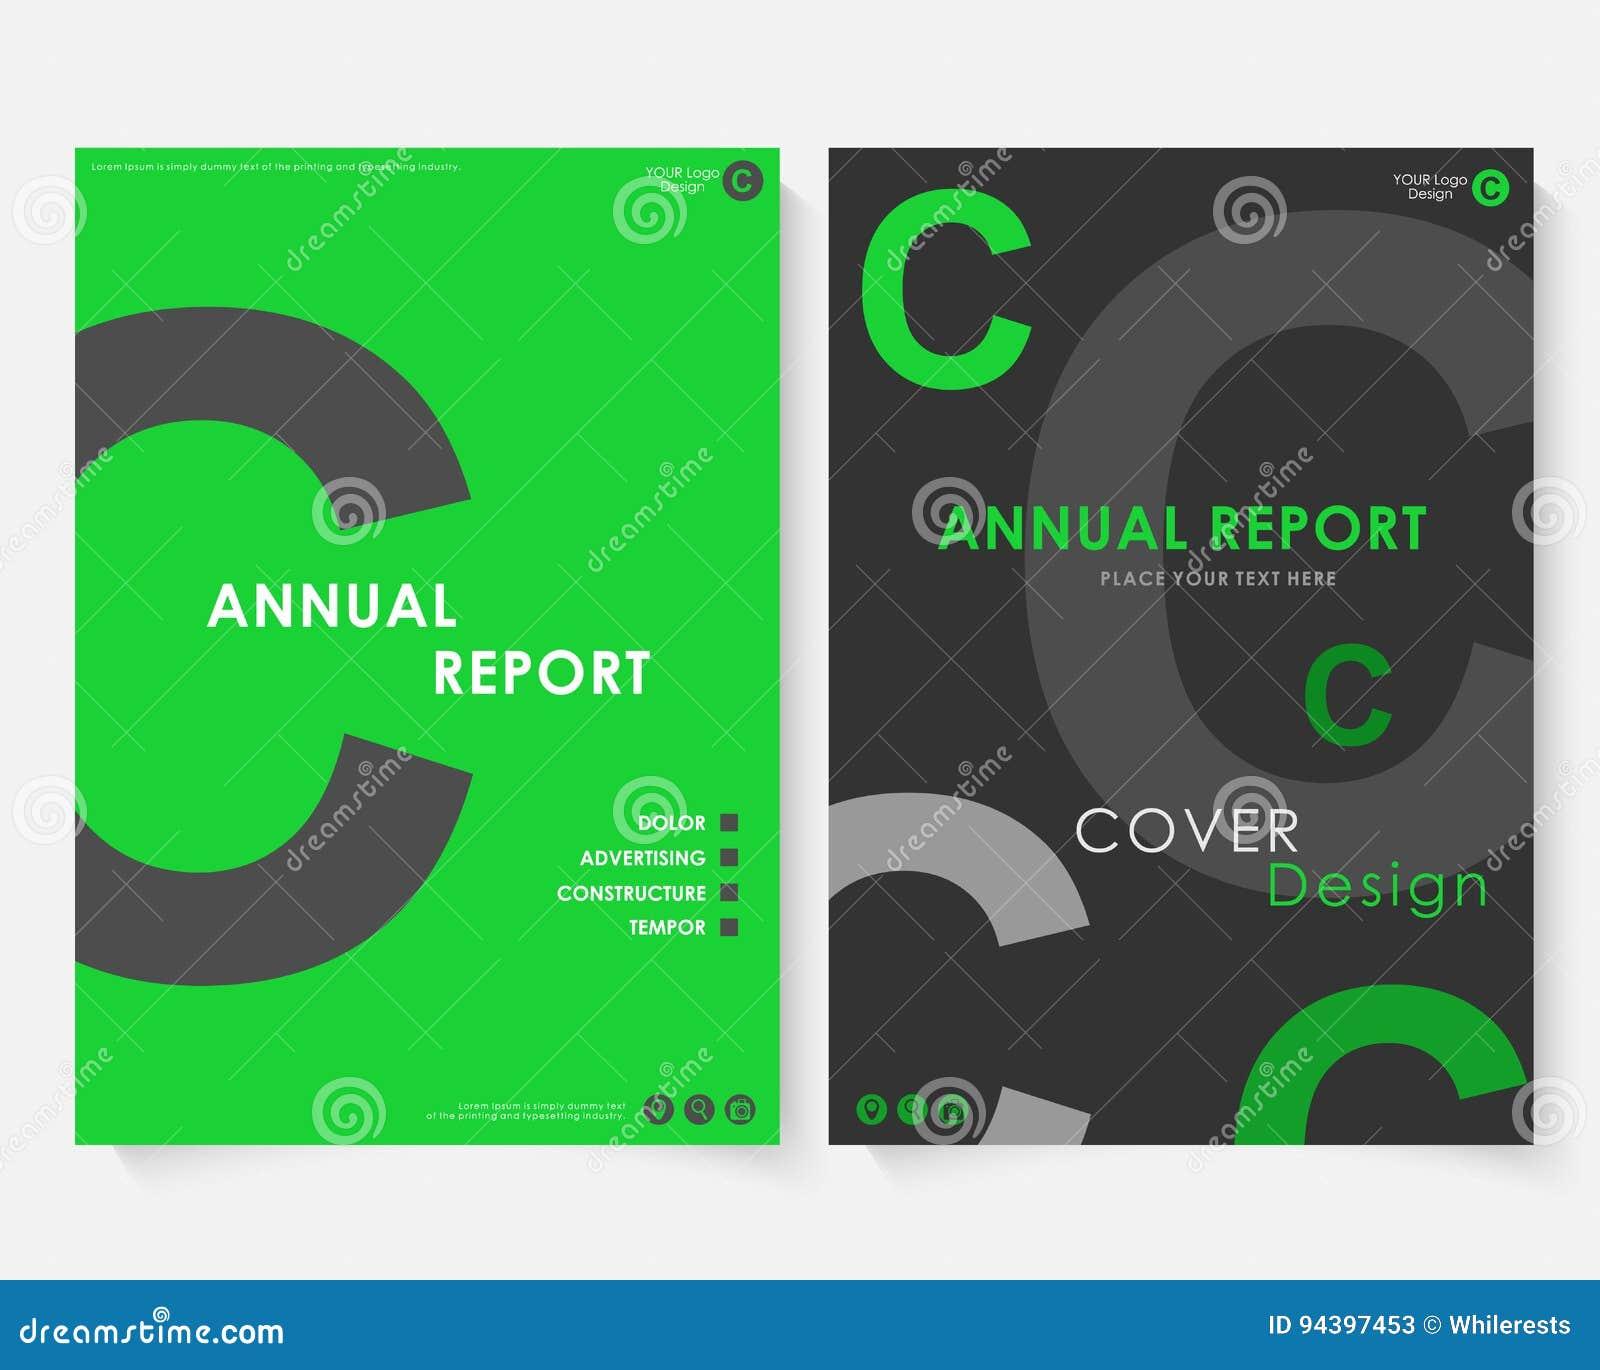 Vector Gris De La Plantilla Del Diseño De La Cubierta Del Informe ...